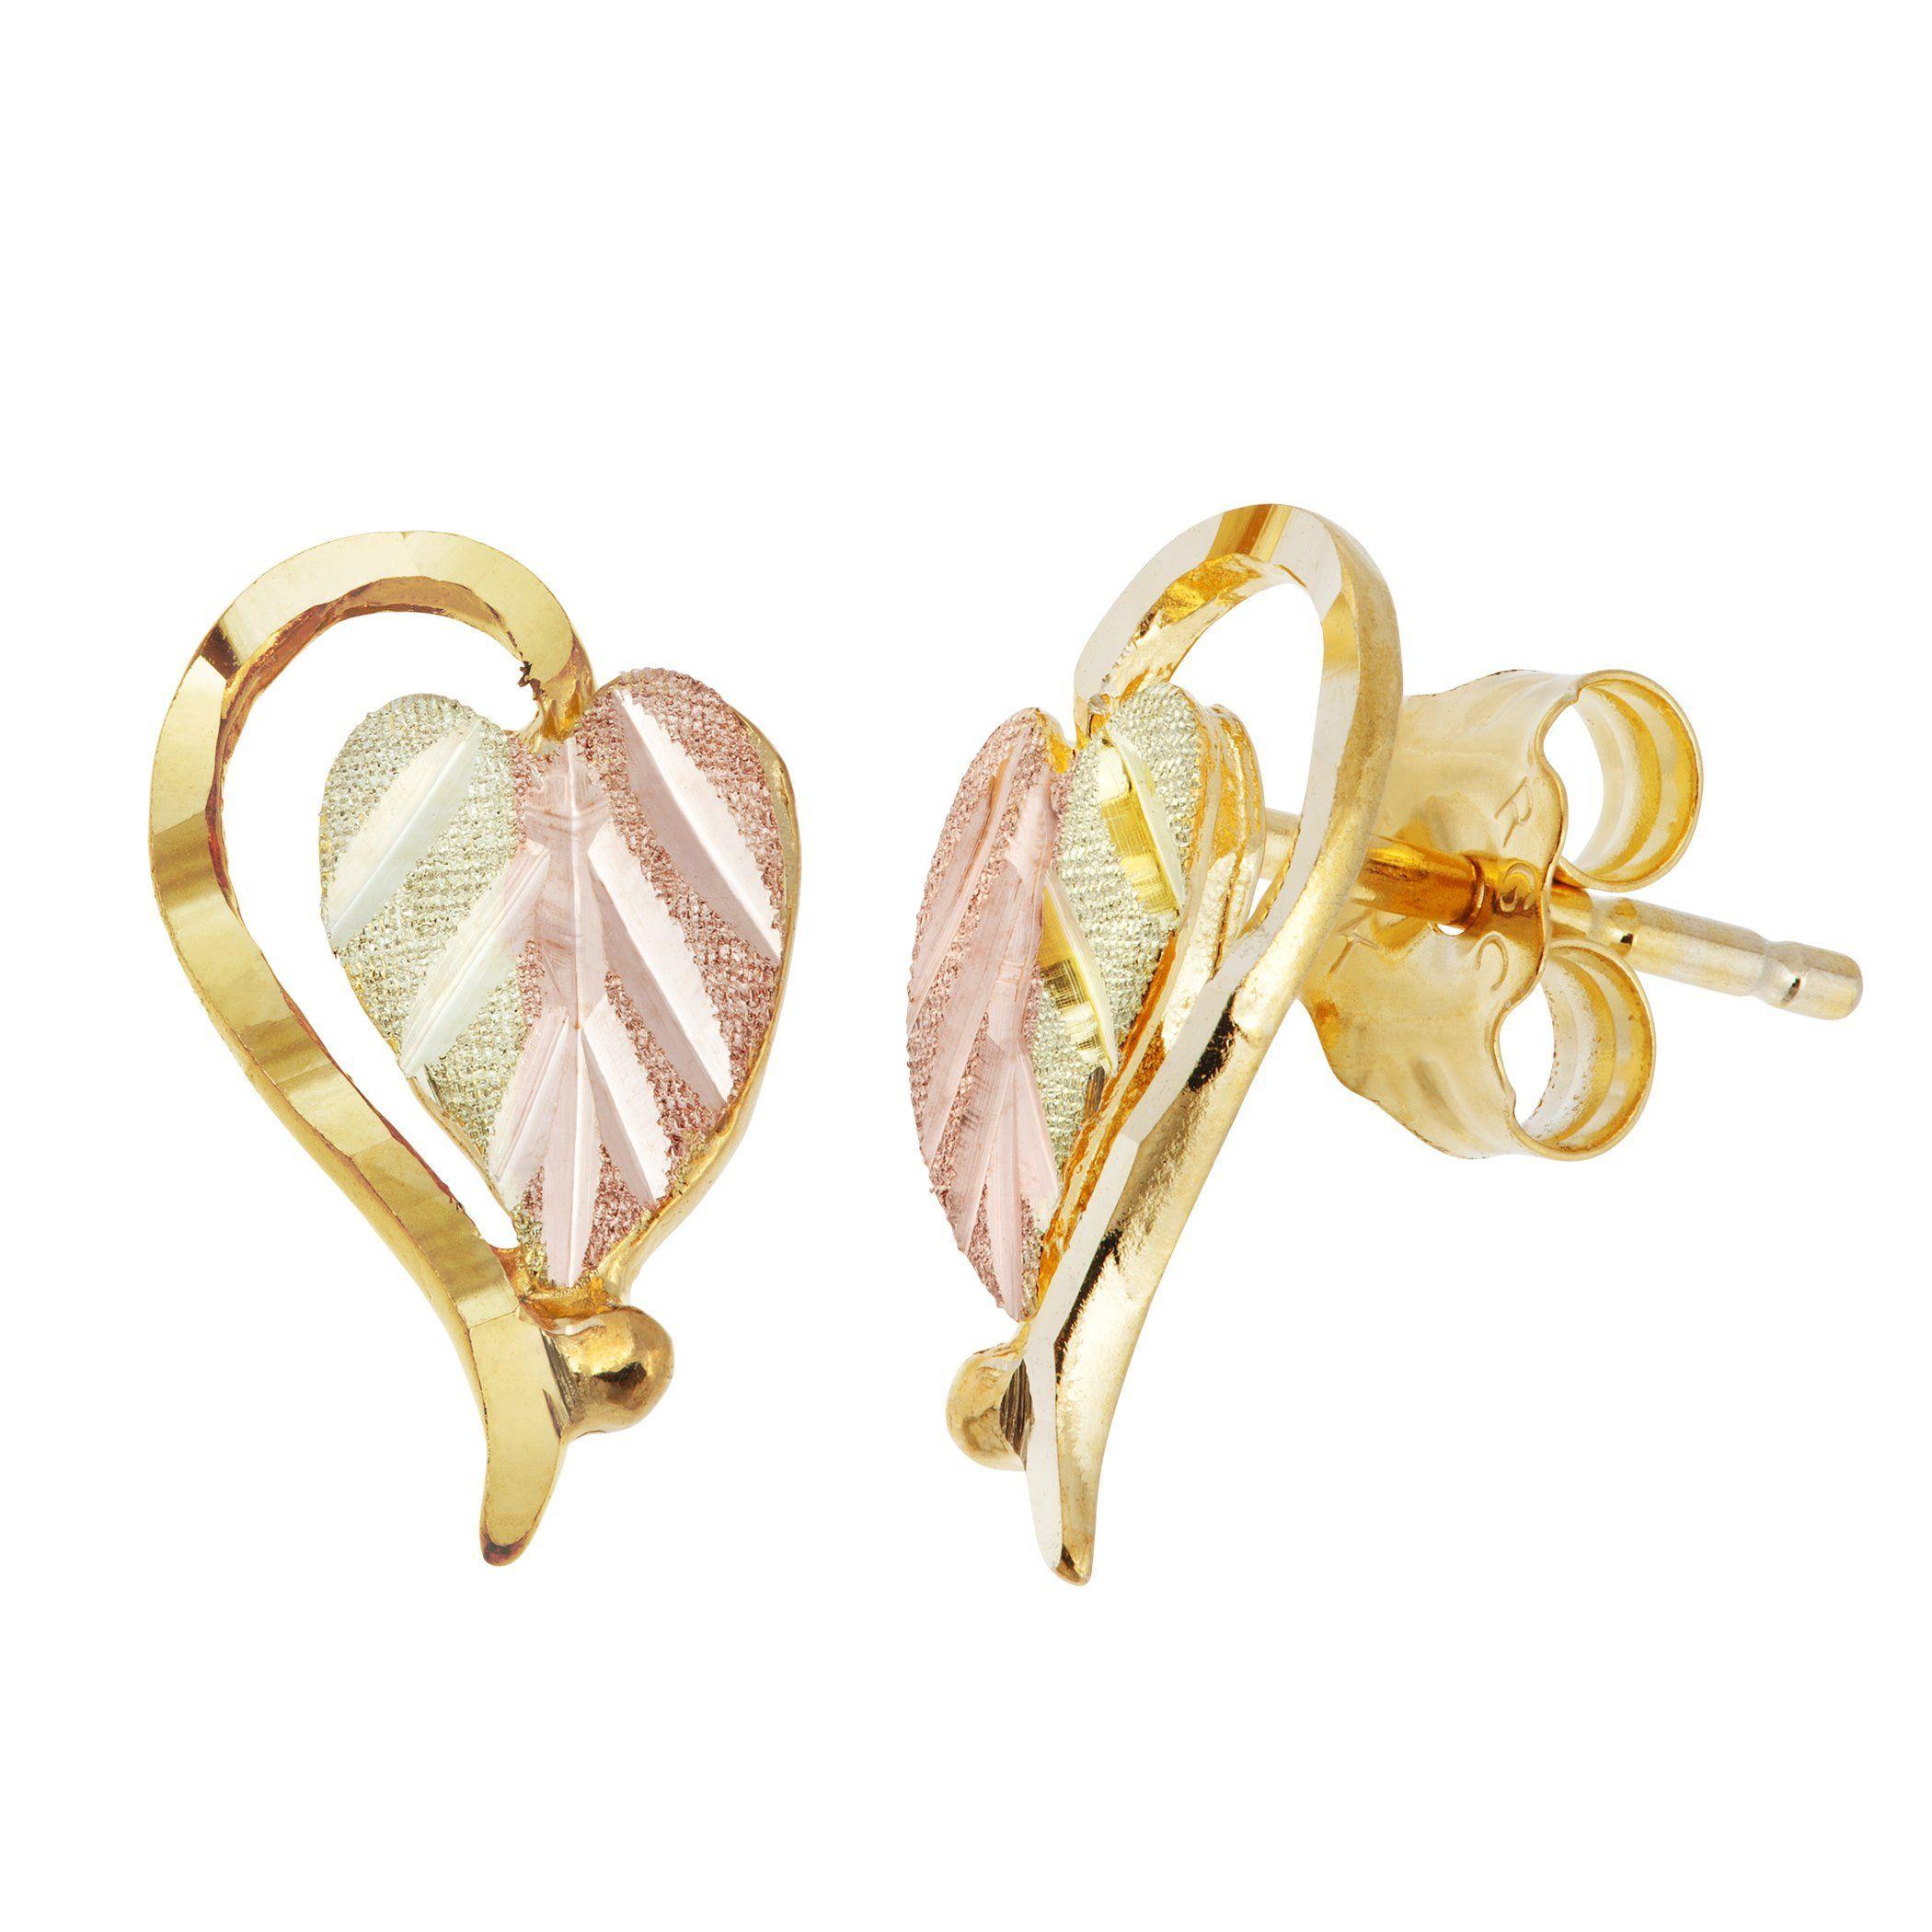 f0ad0b8d2 Landstrom's Black Hills Gold Post Earrings - Heart - Leaf - 12K Leaves, 10K  Frames, 14K Posts & Backs - Handmade - GLER630P